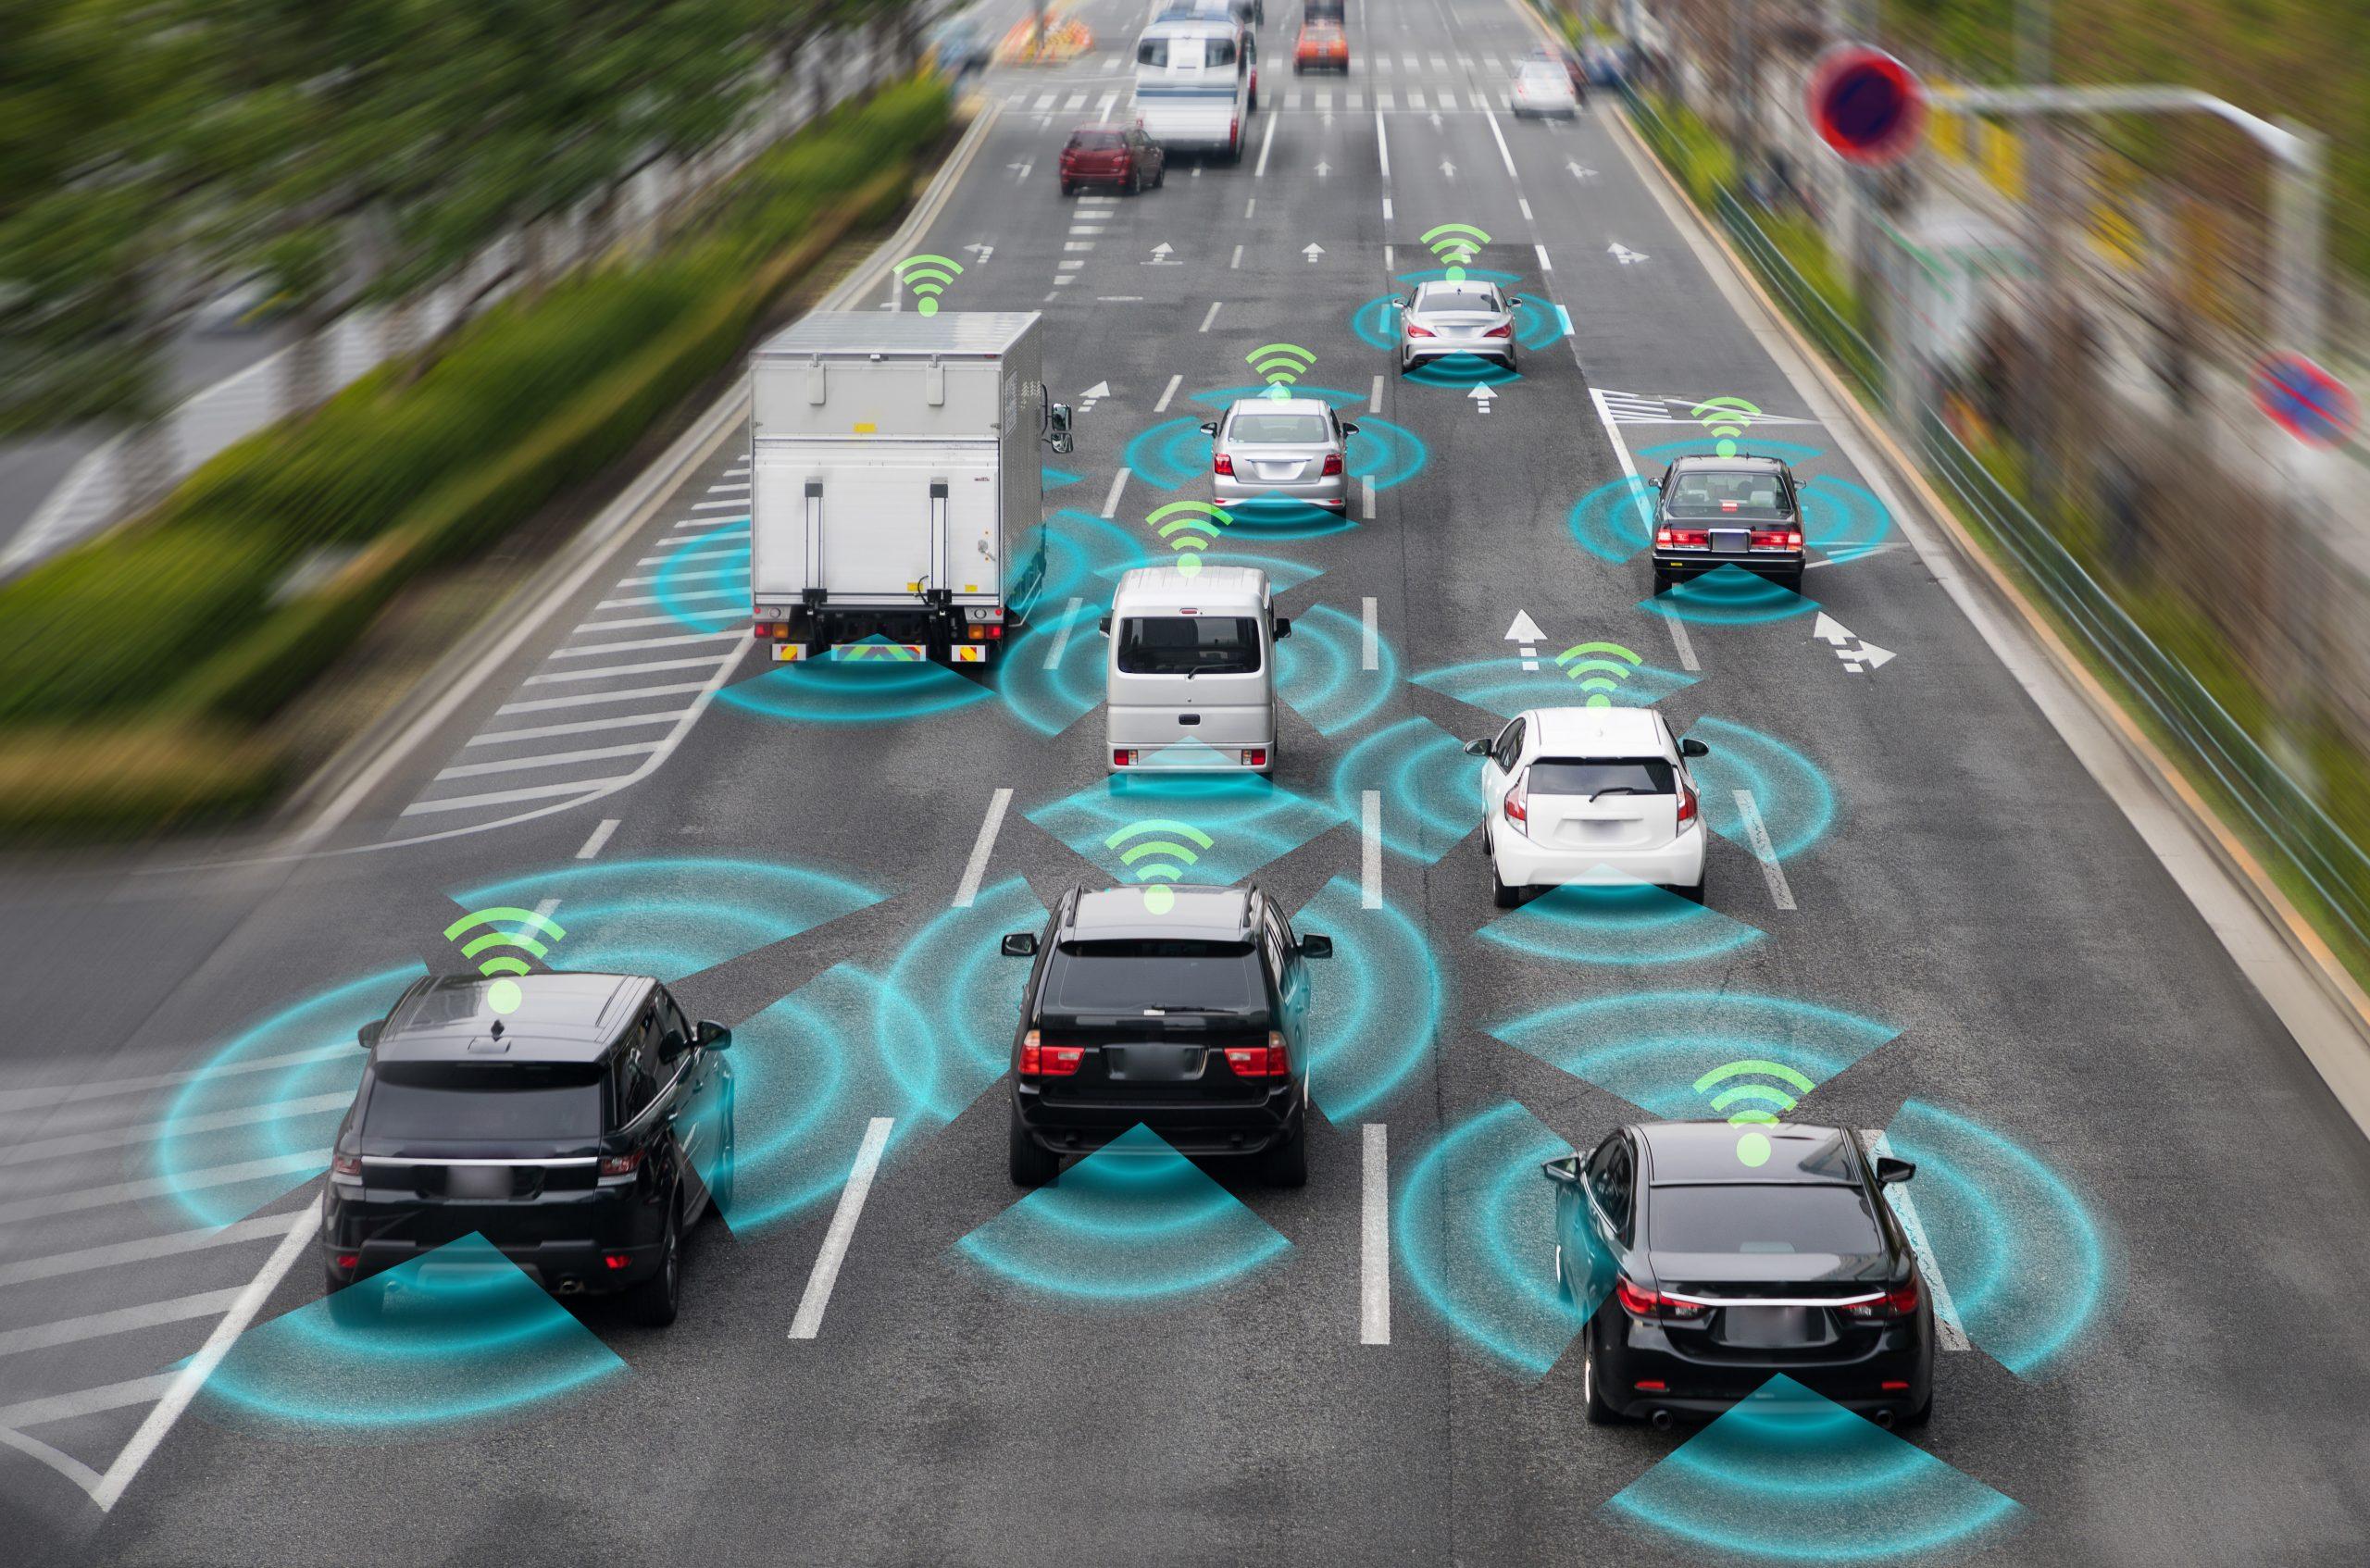 aicas Software Accelerates Connected and Autonomous Transportation